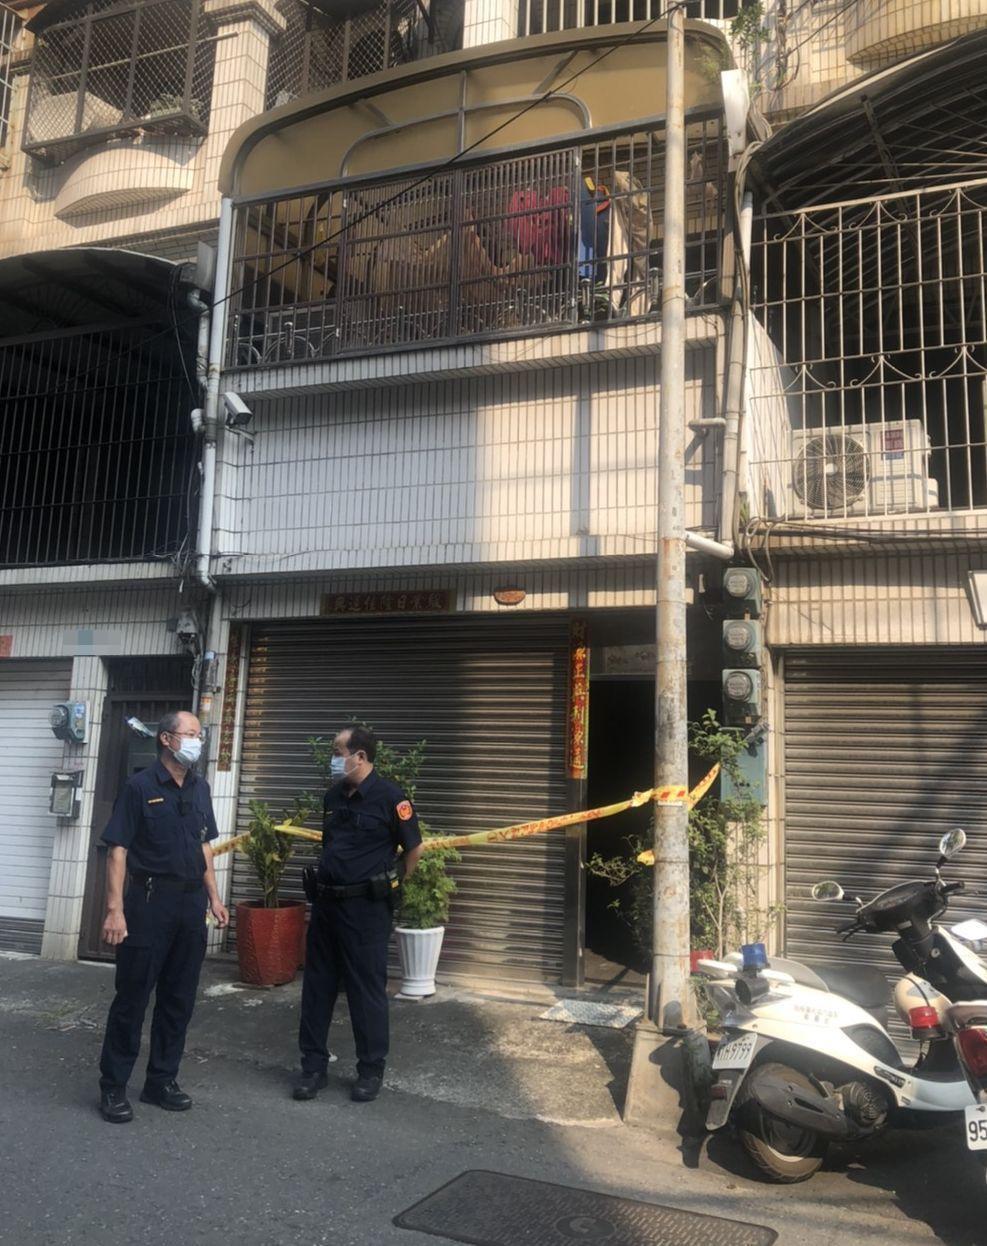 李姓男子涉嫌刺殺母親,警方在他家前拉起封鎖線。記者林保光/翻攝